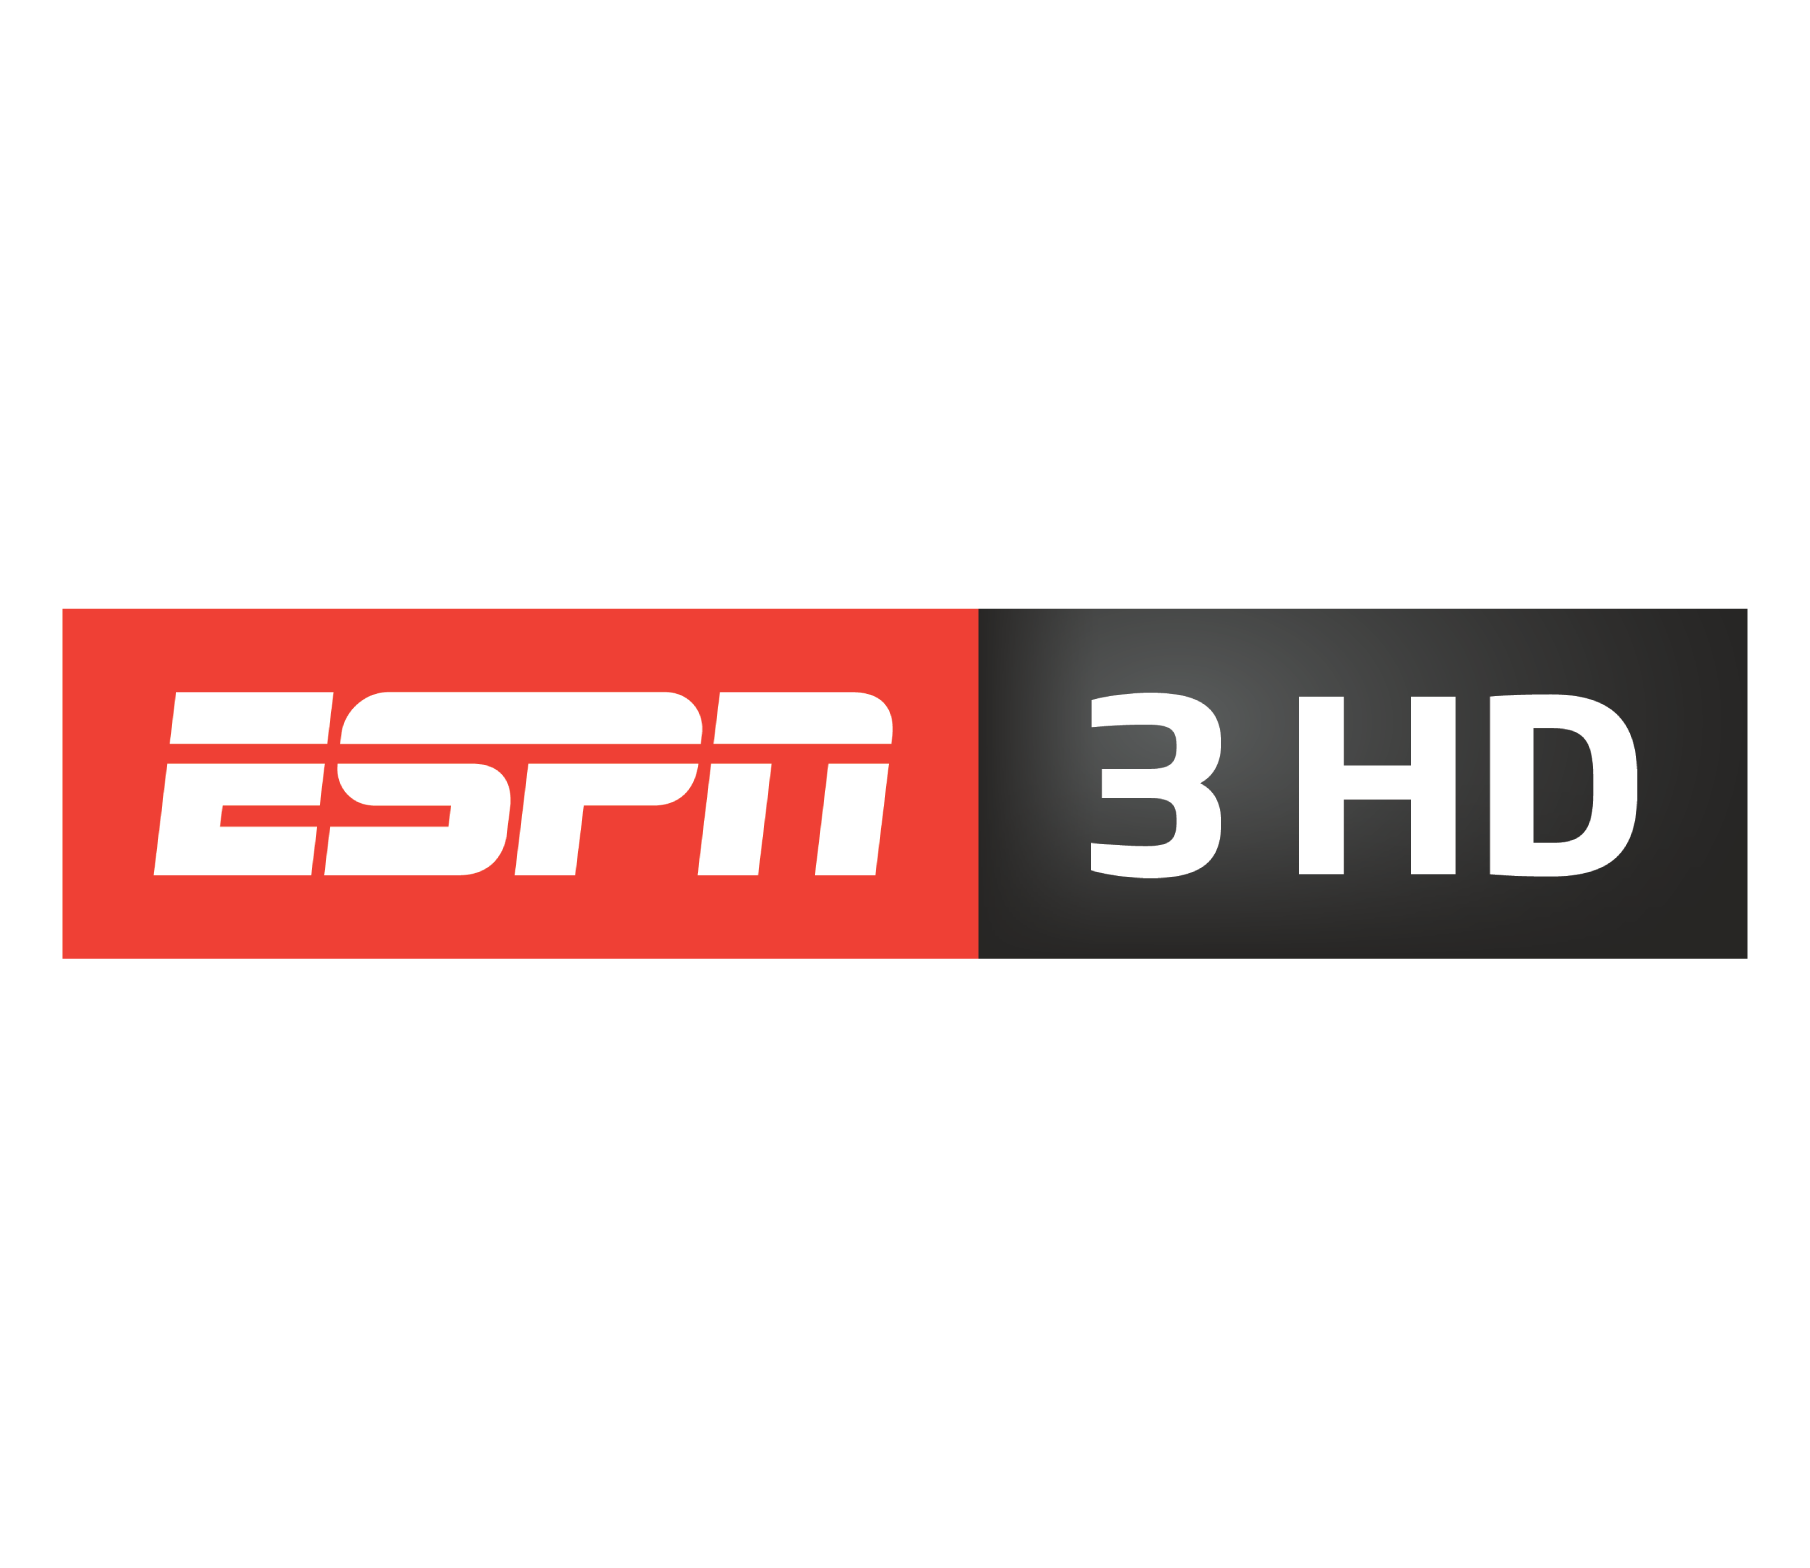 Canal ESPN 3 HD